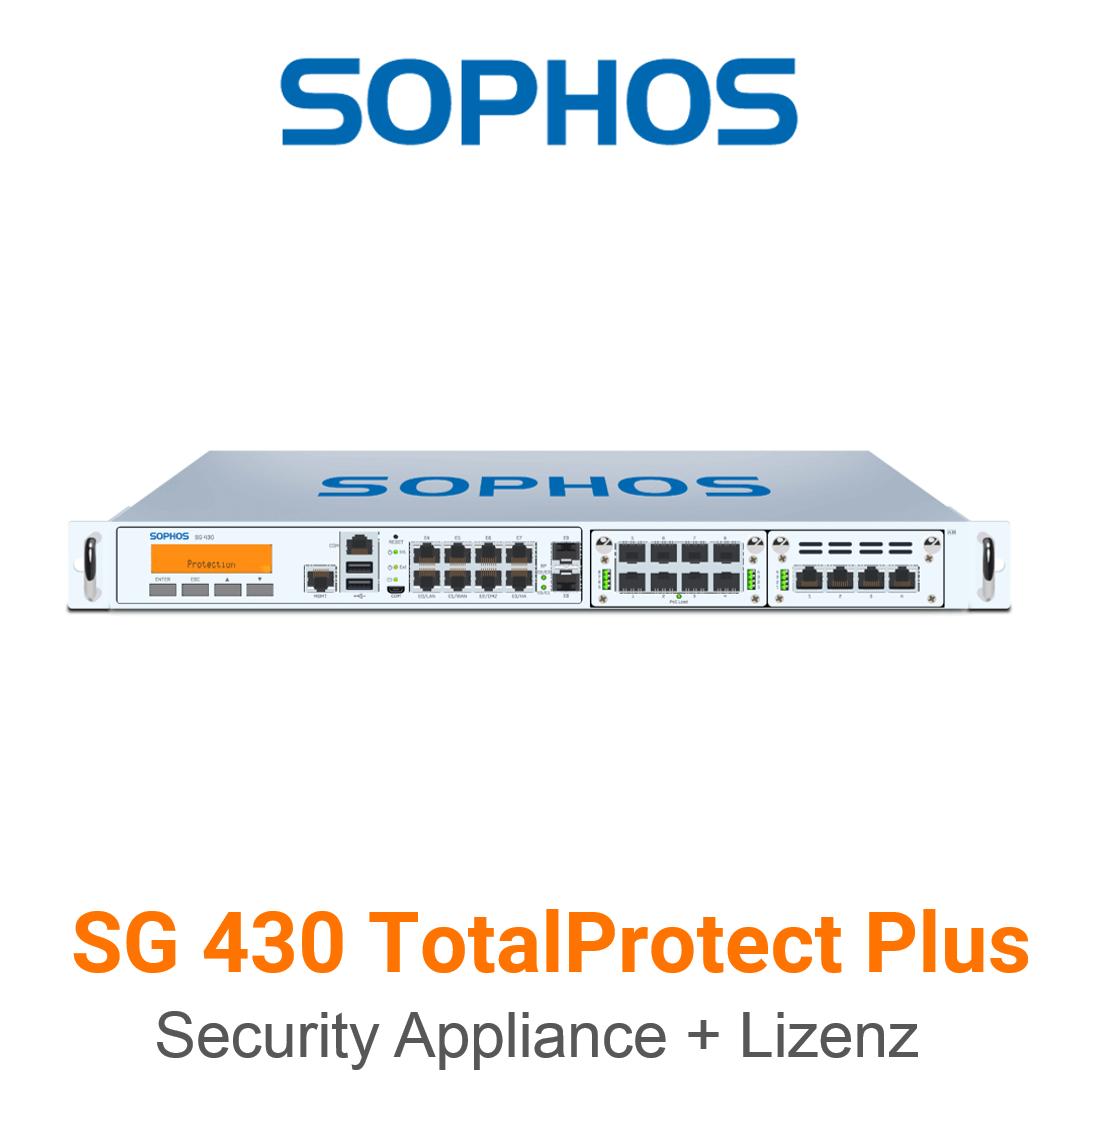 Sophos SG 430 TotalProtect Plus Bundle (Hardware + Lizenz)